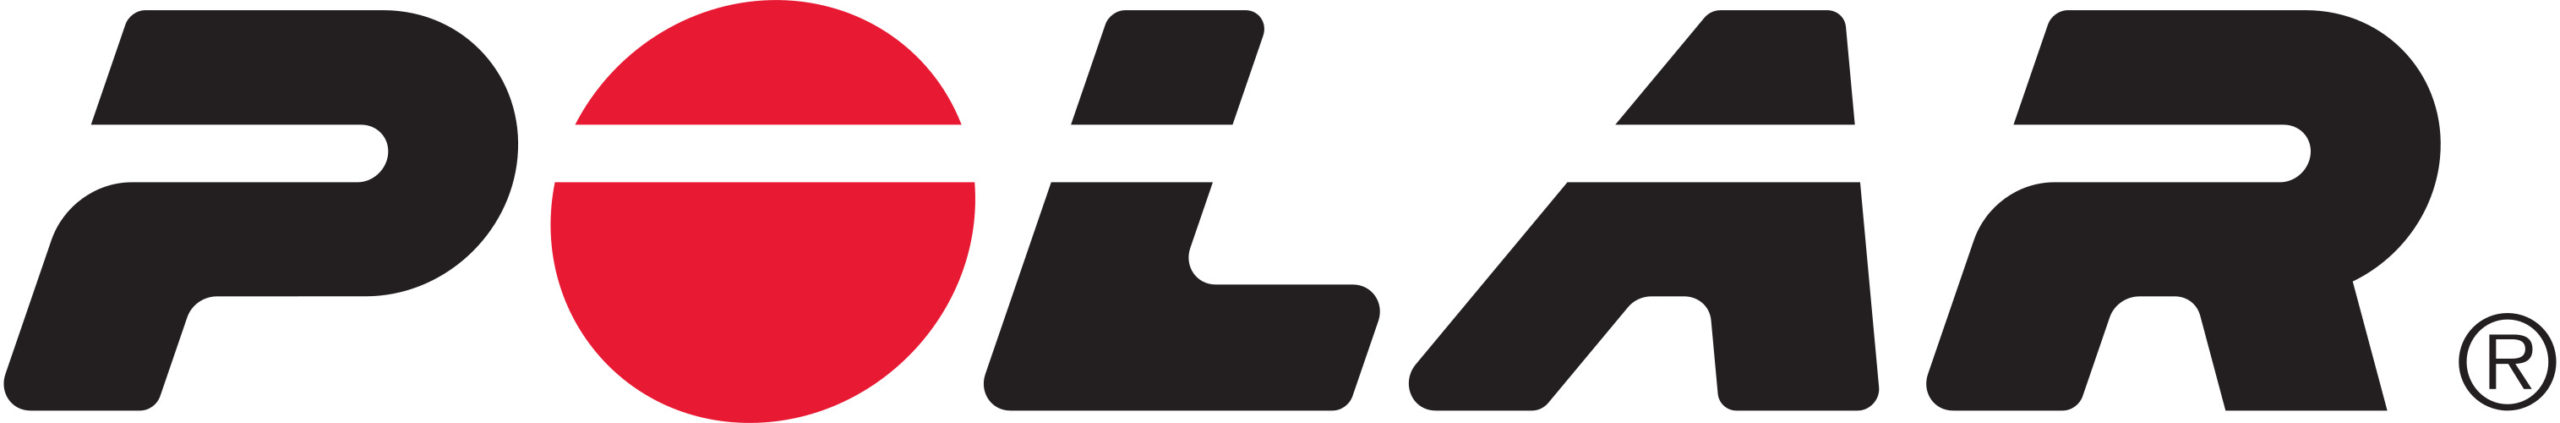 Polar_Electro_Logo